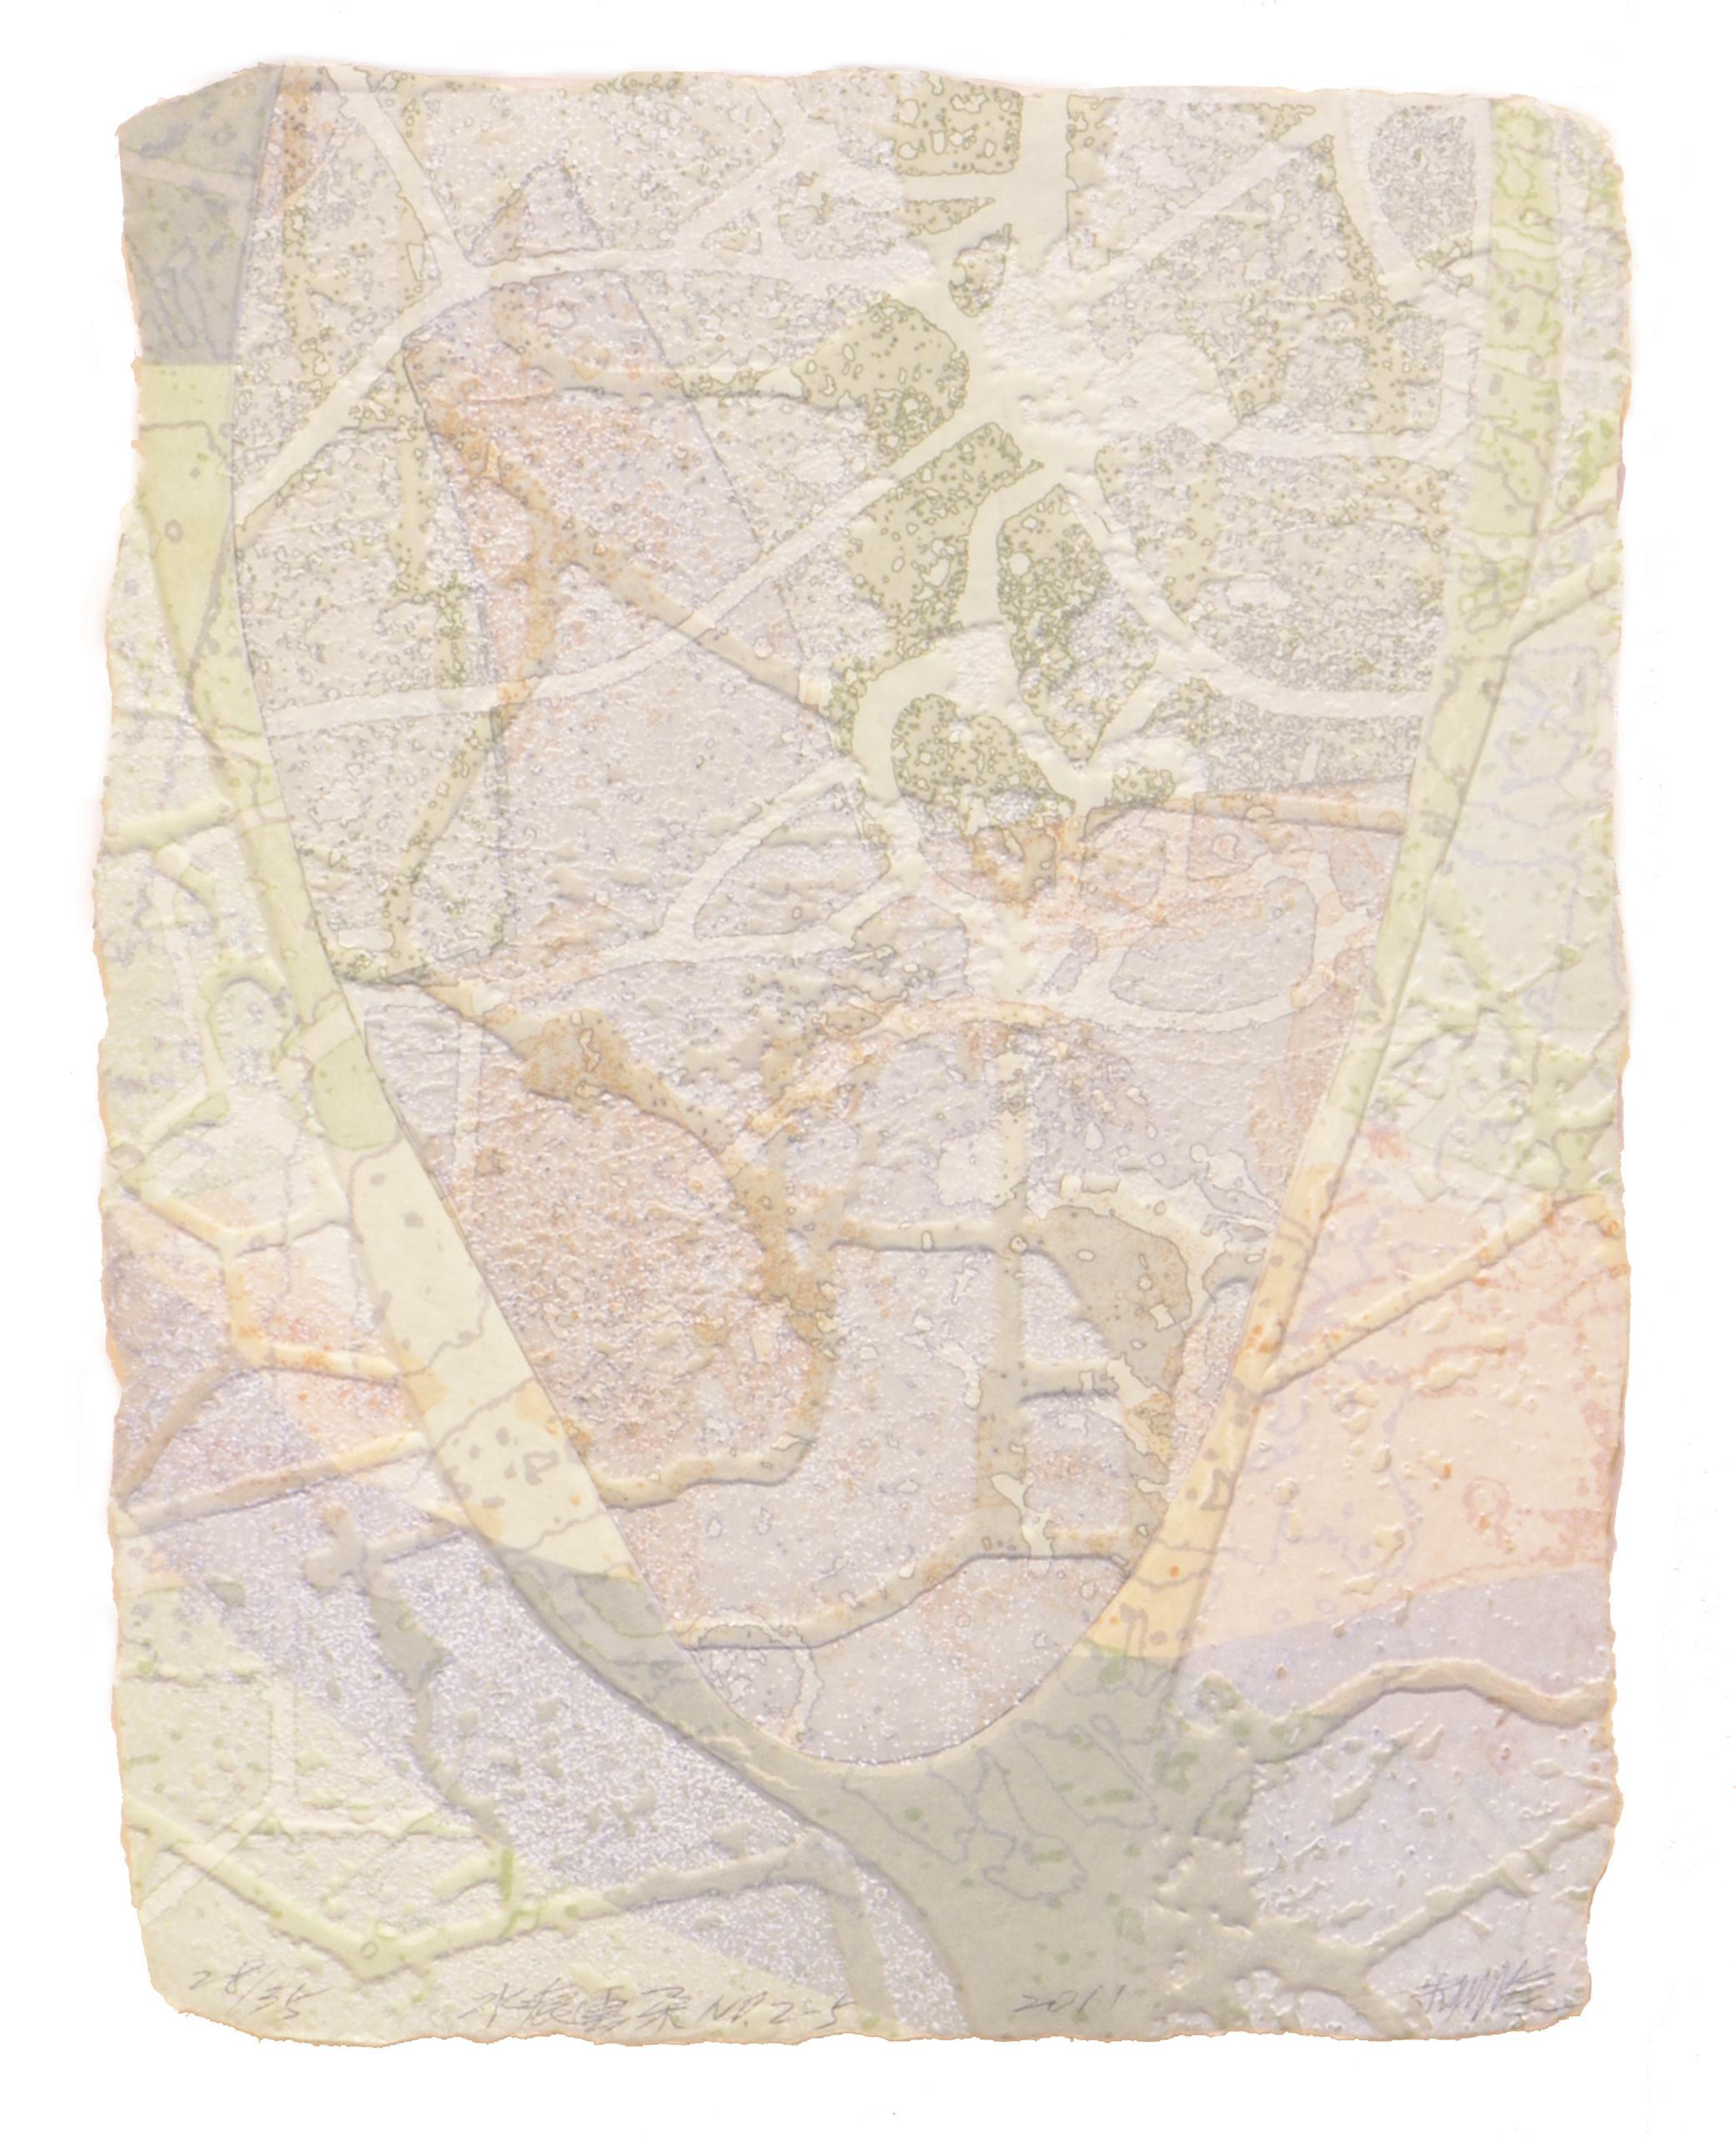 《水痕雲朵No.2-5》,絹版、凹版,25×18cm,2011